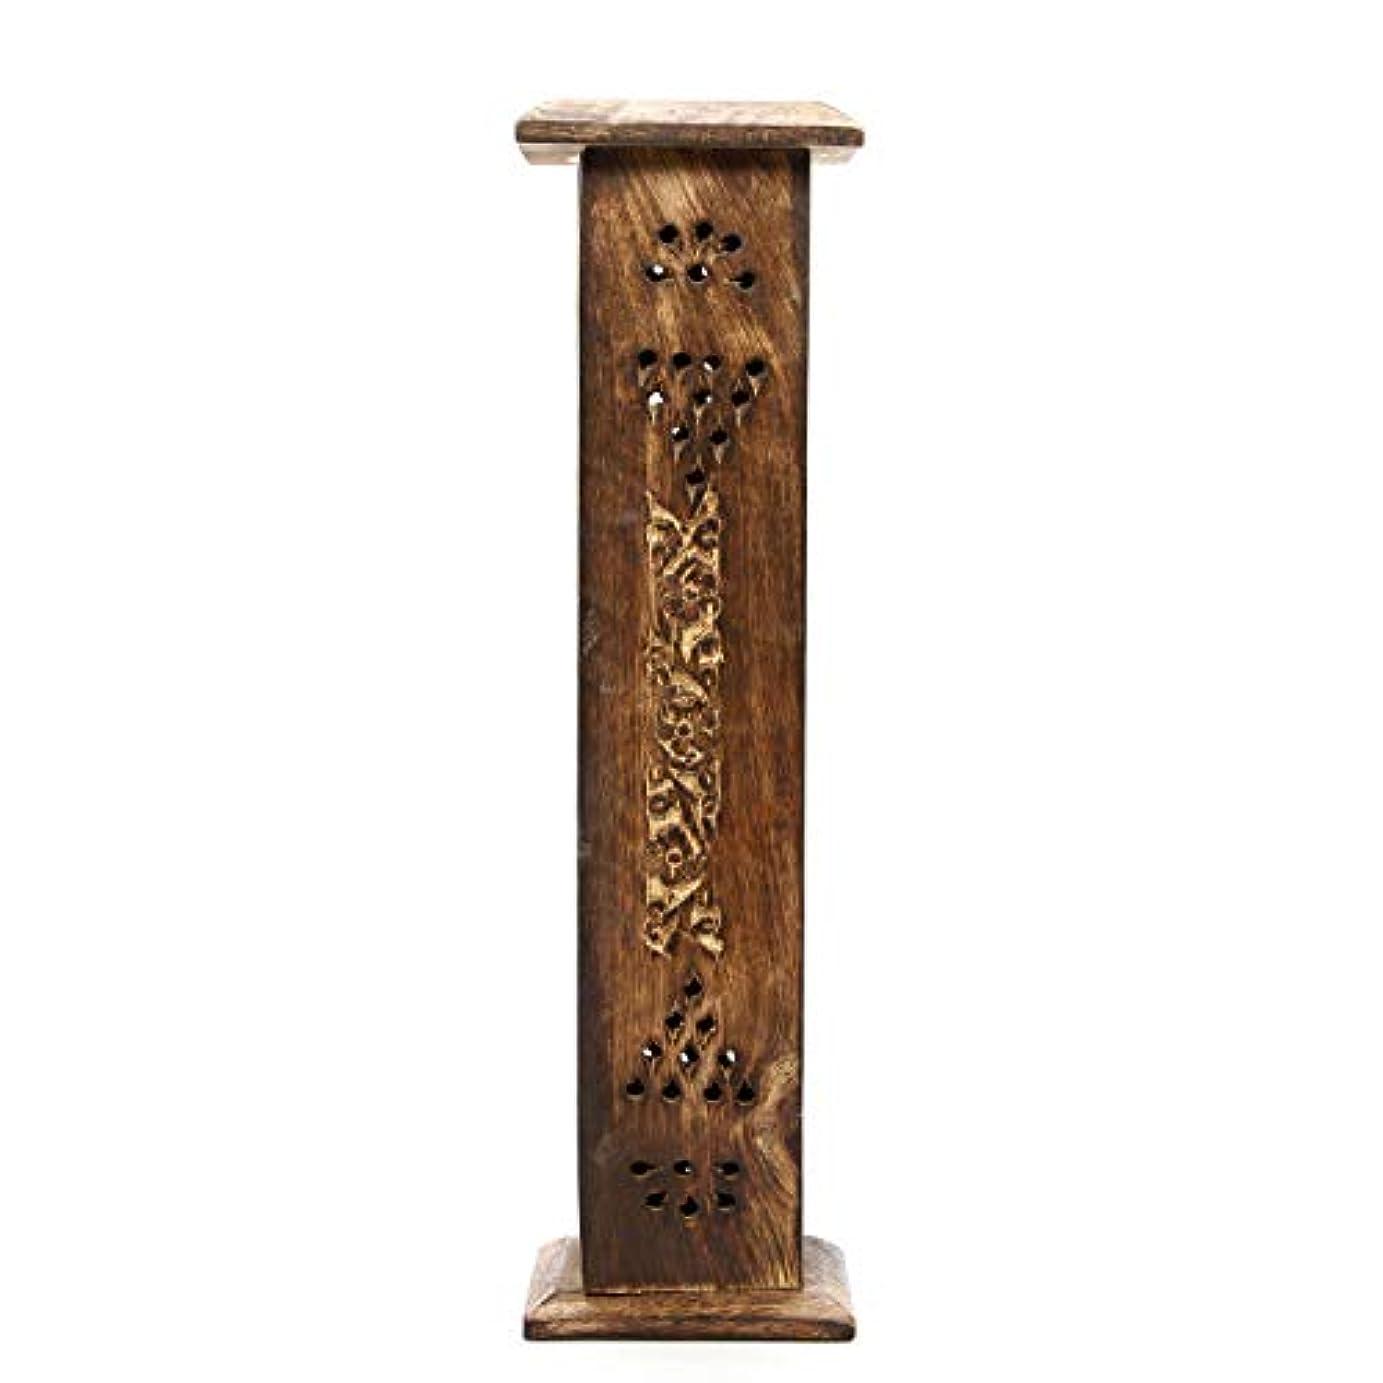 接続絶望的なモンクHosley's Wood Incense Tower with 20 Incense Sticks - 30cm High. Ideal Gift for Aromatherapy, Zen, Spa, Vastu,...